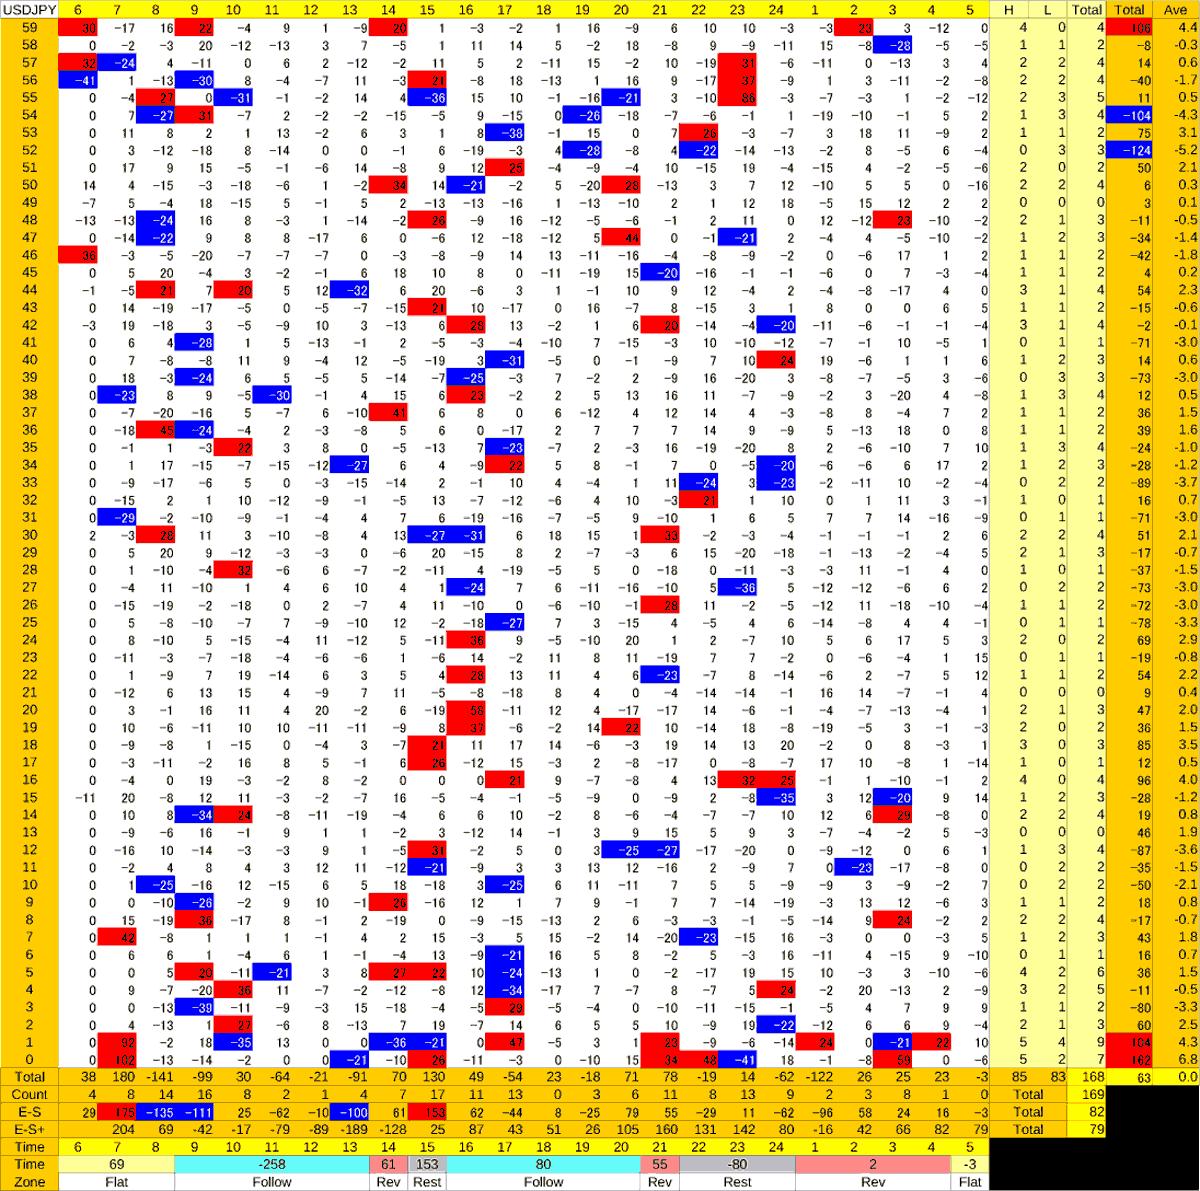 20200615_HS(1)USDJPY